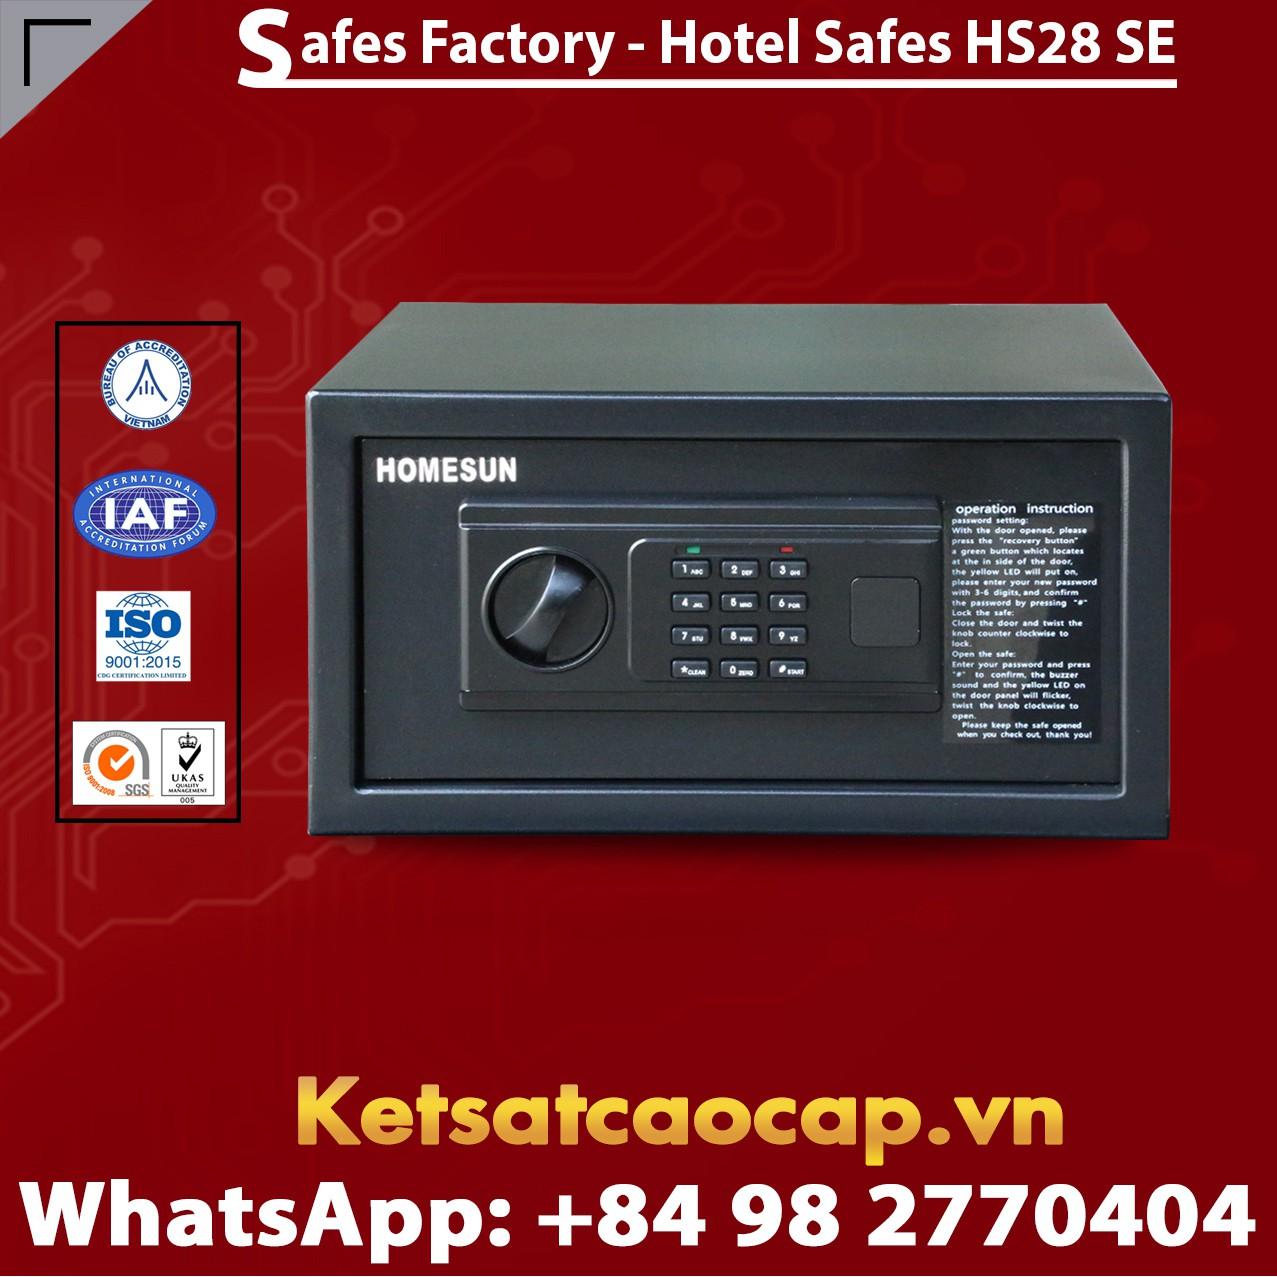 Két Sắt Khách Sạn Hotel Safes HOMESUN HS28 SE